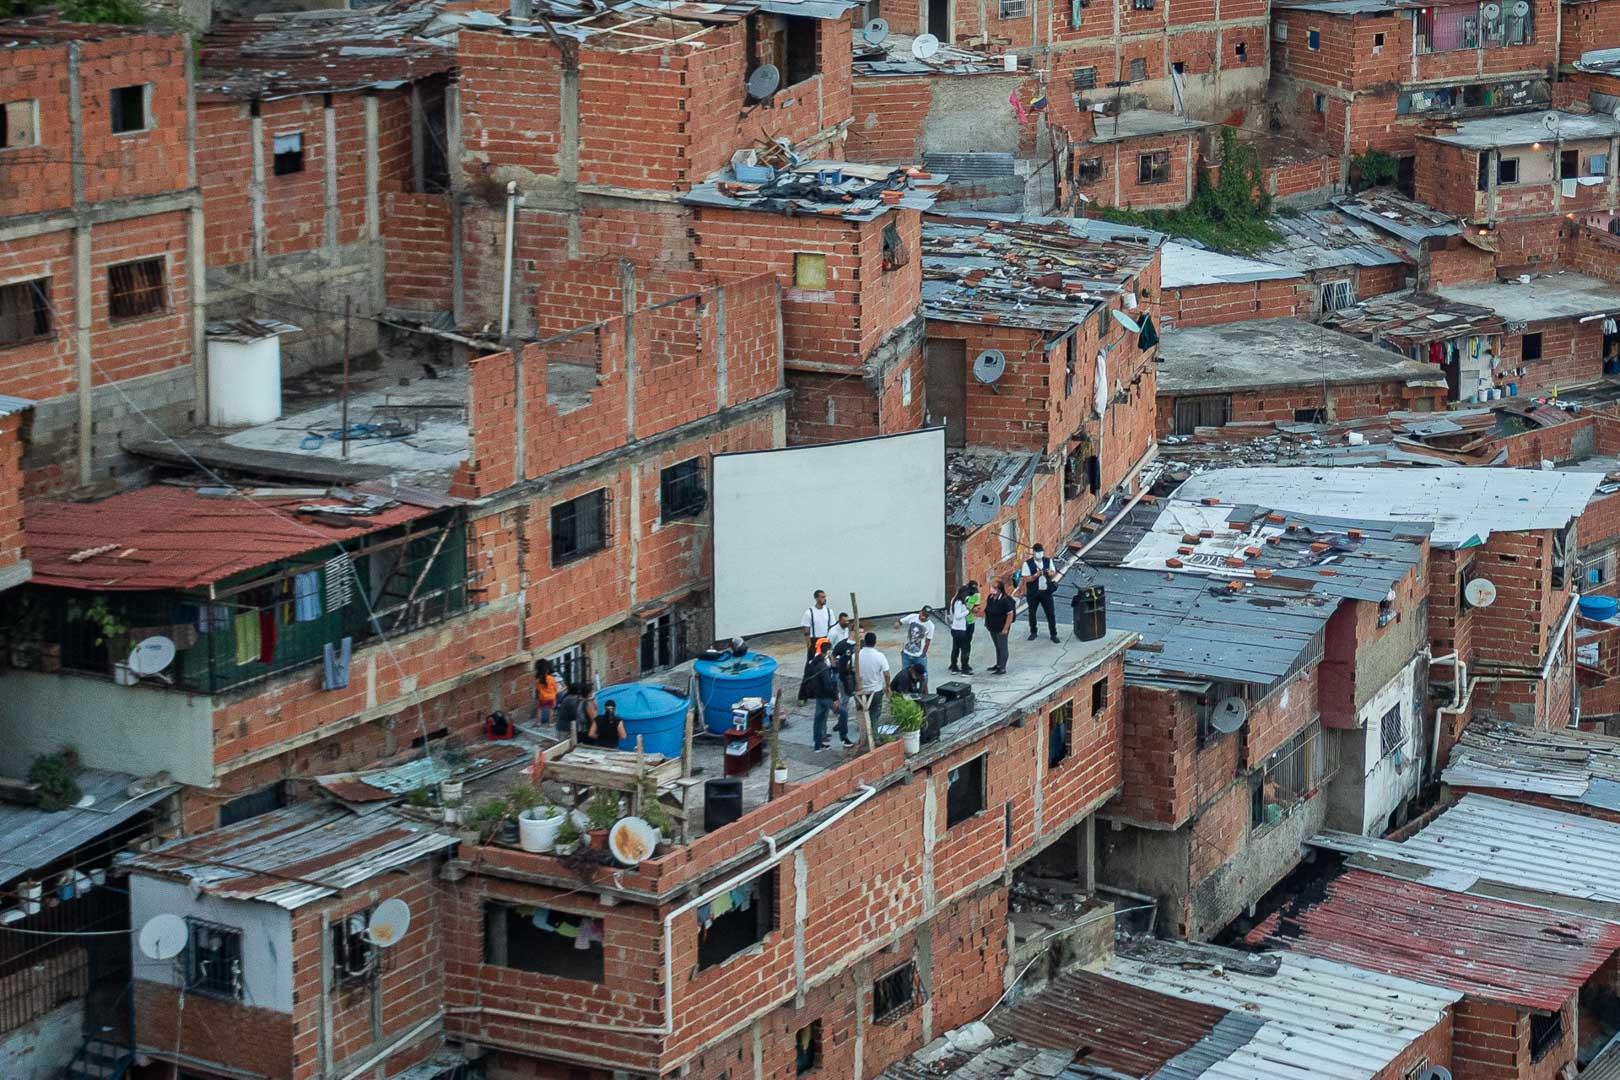 Cultura en los techos: el oasis de los vecinos en uno de los barrios más peligrosos del mundo